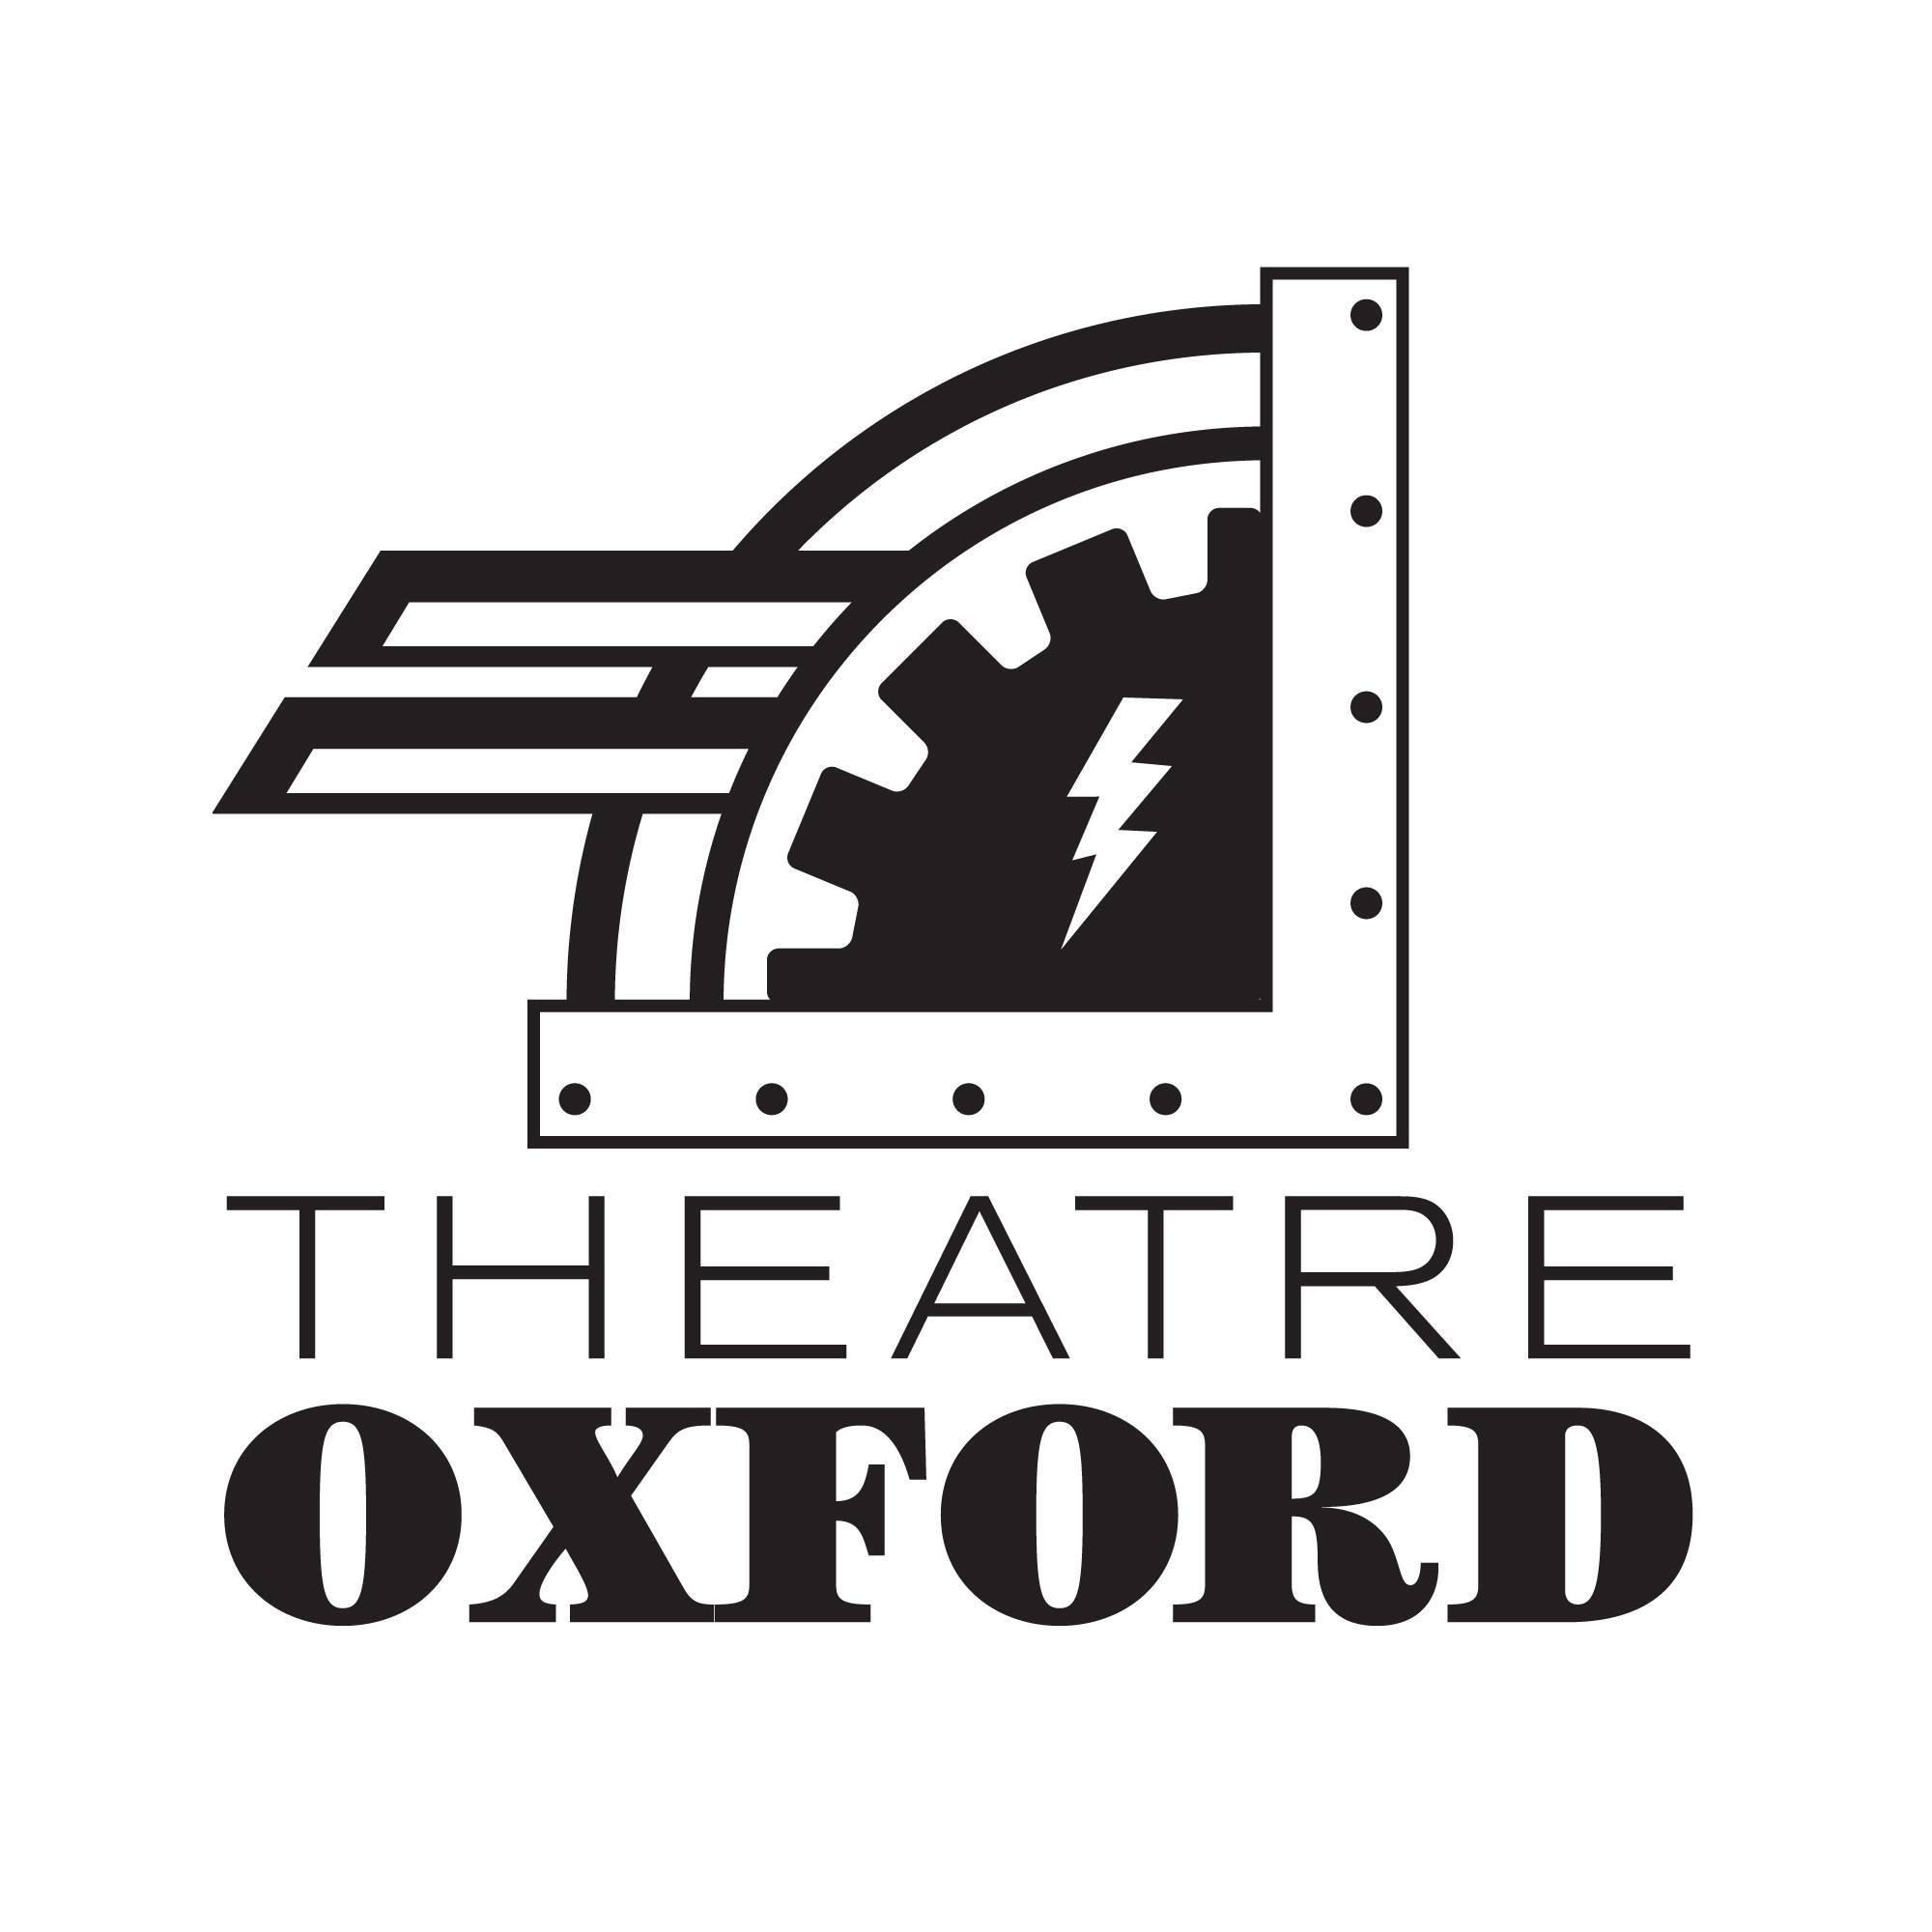 Theatre Oxford